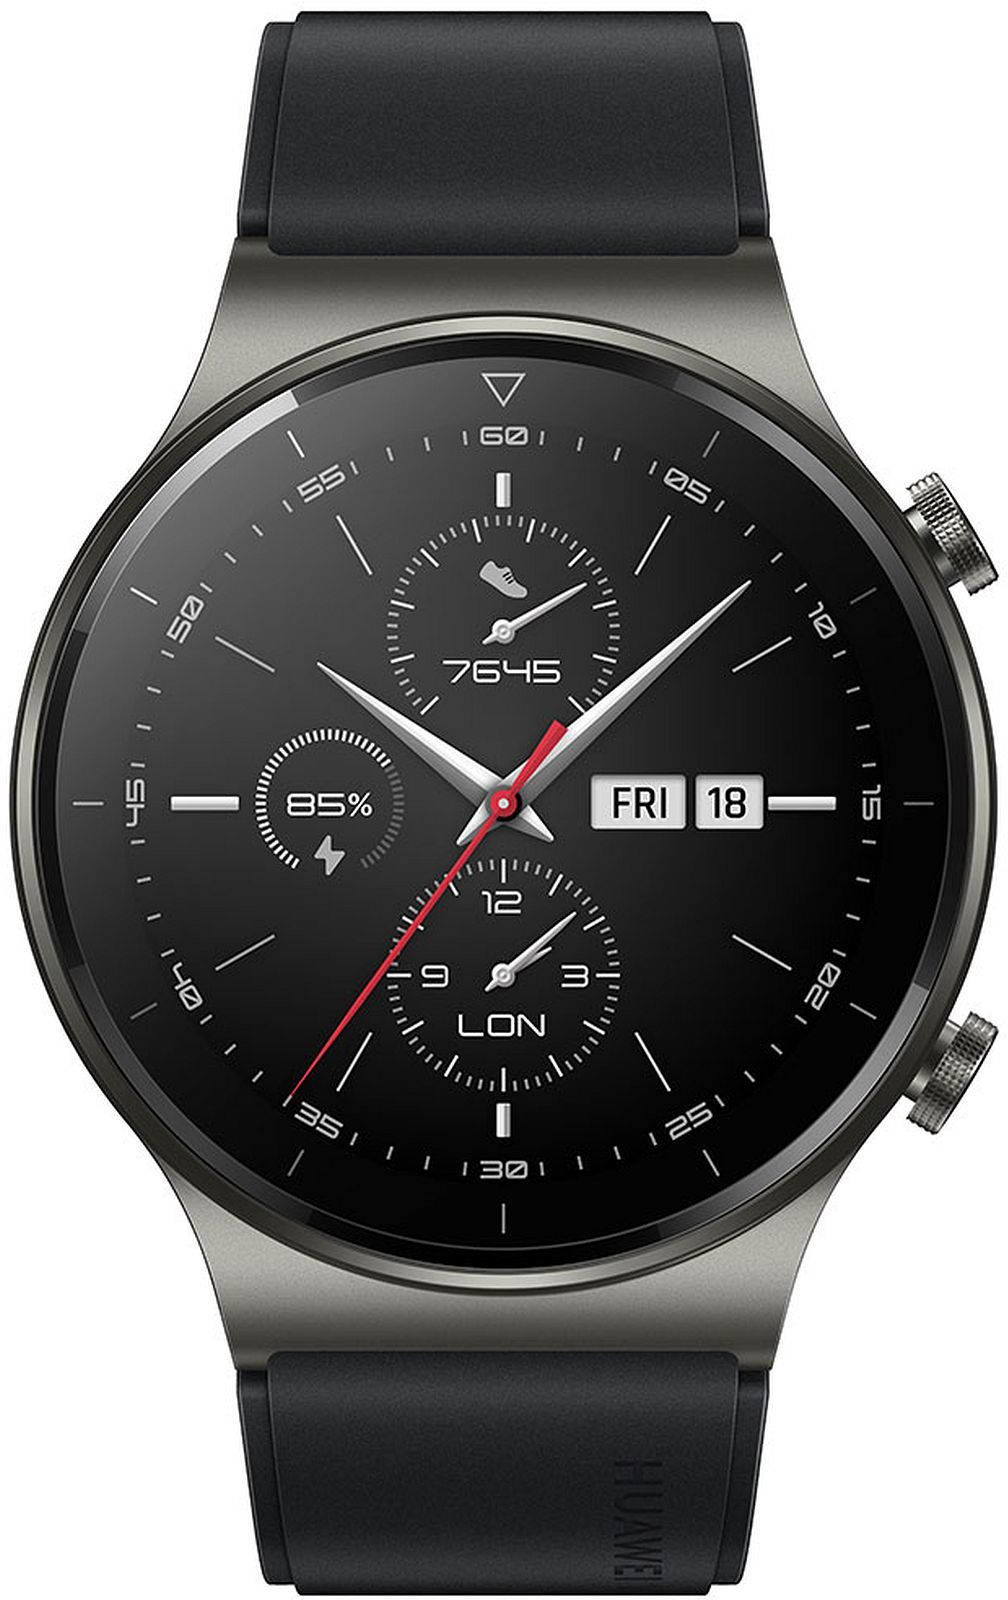 Zegarek Huawei Watch GT 2 PRO